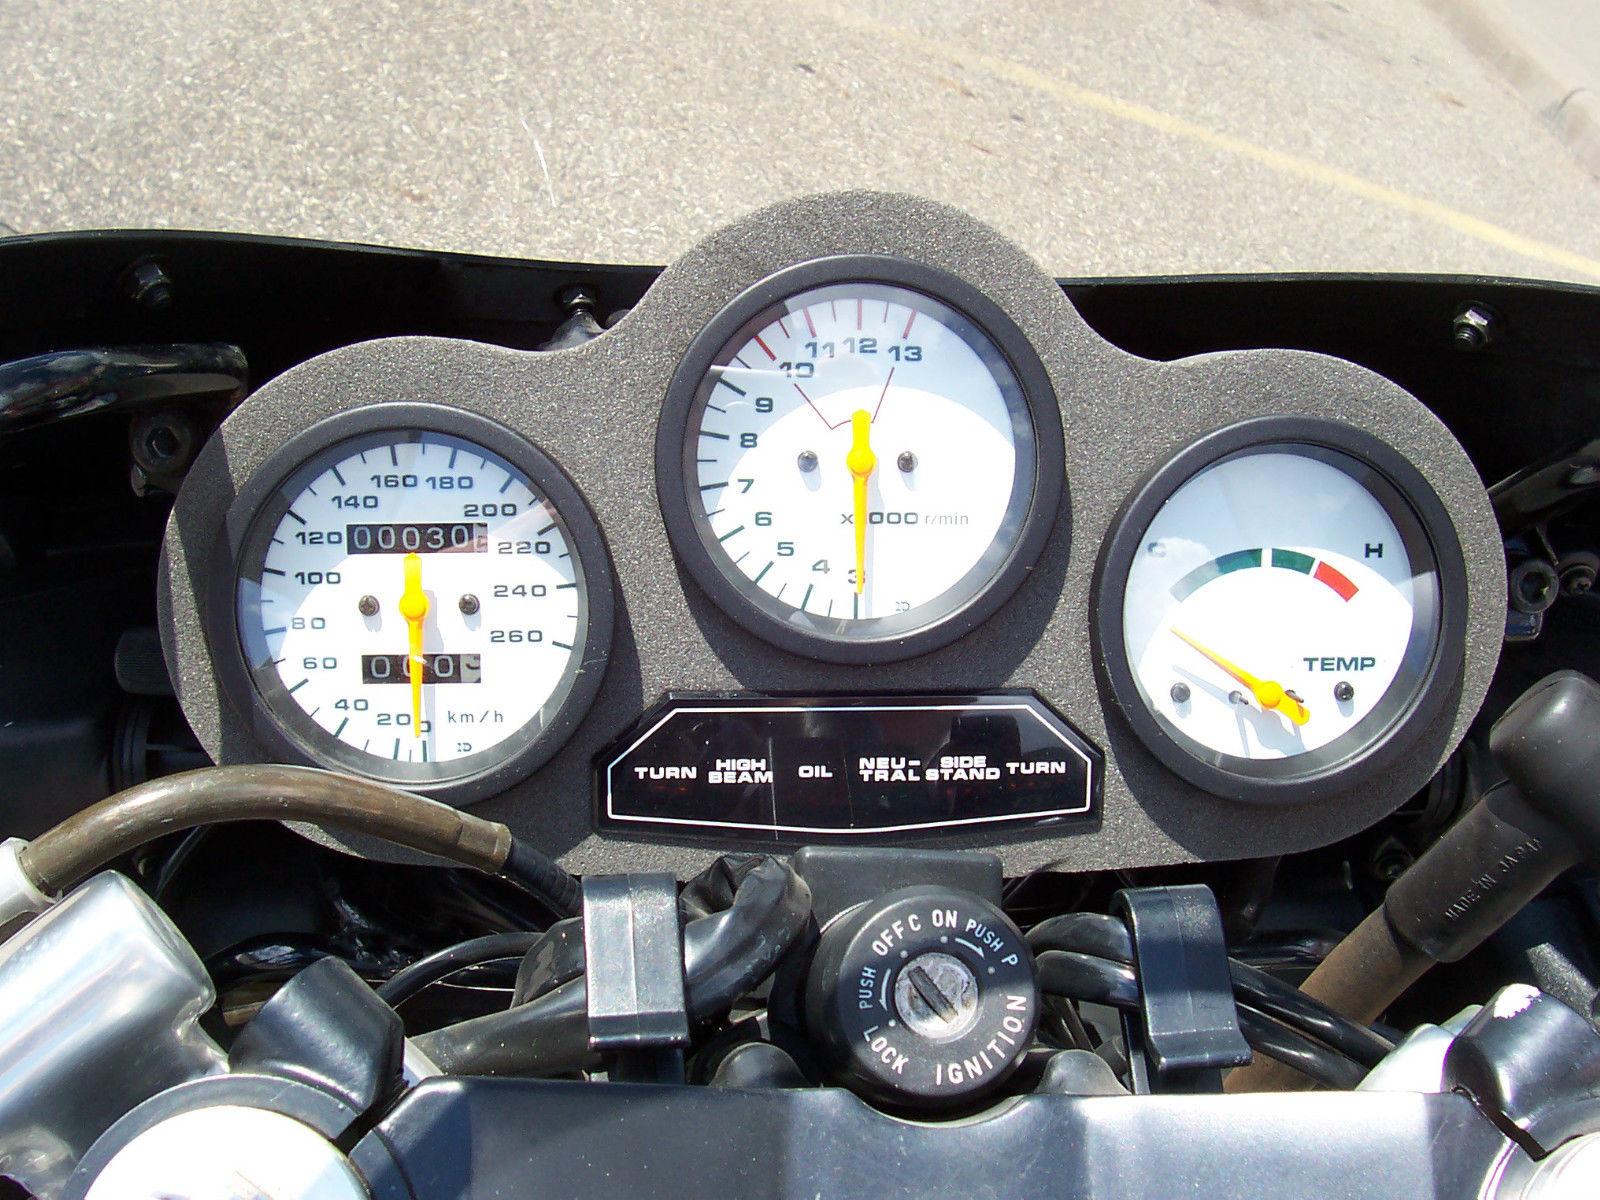 Suzuki Rg500 For Sale Suzuki Rg500 Gamma Gauges